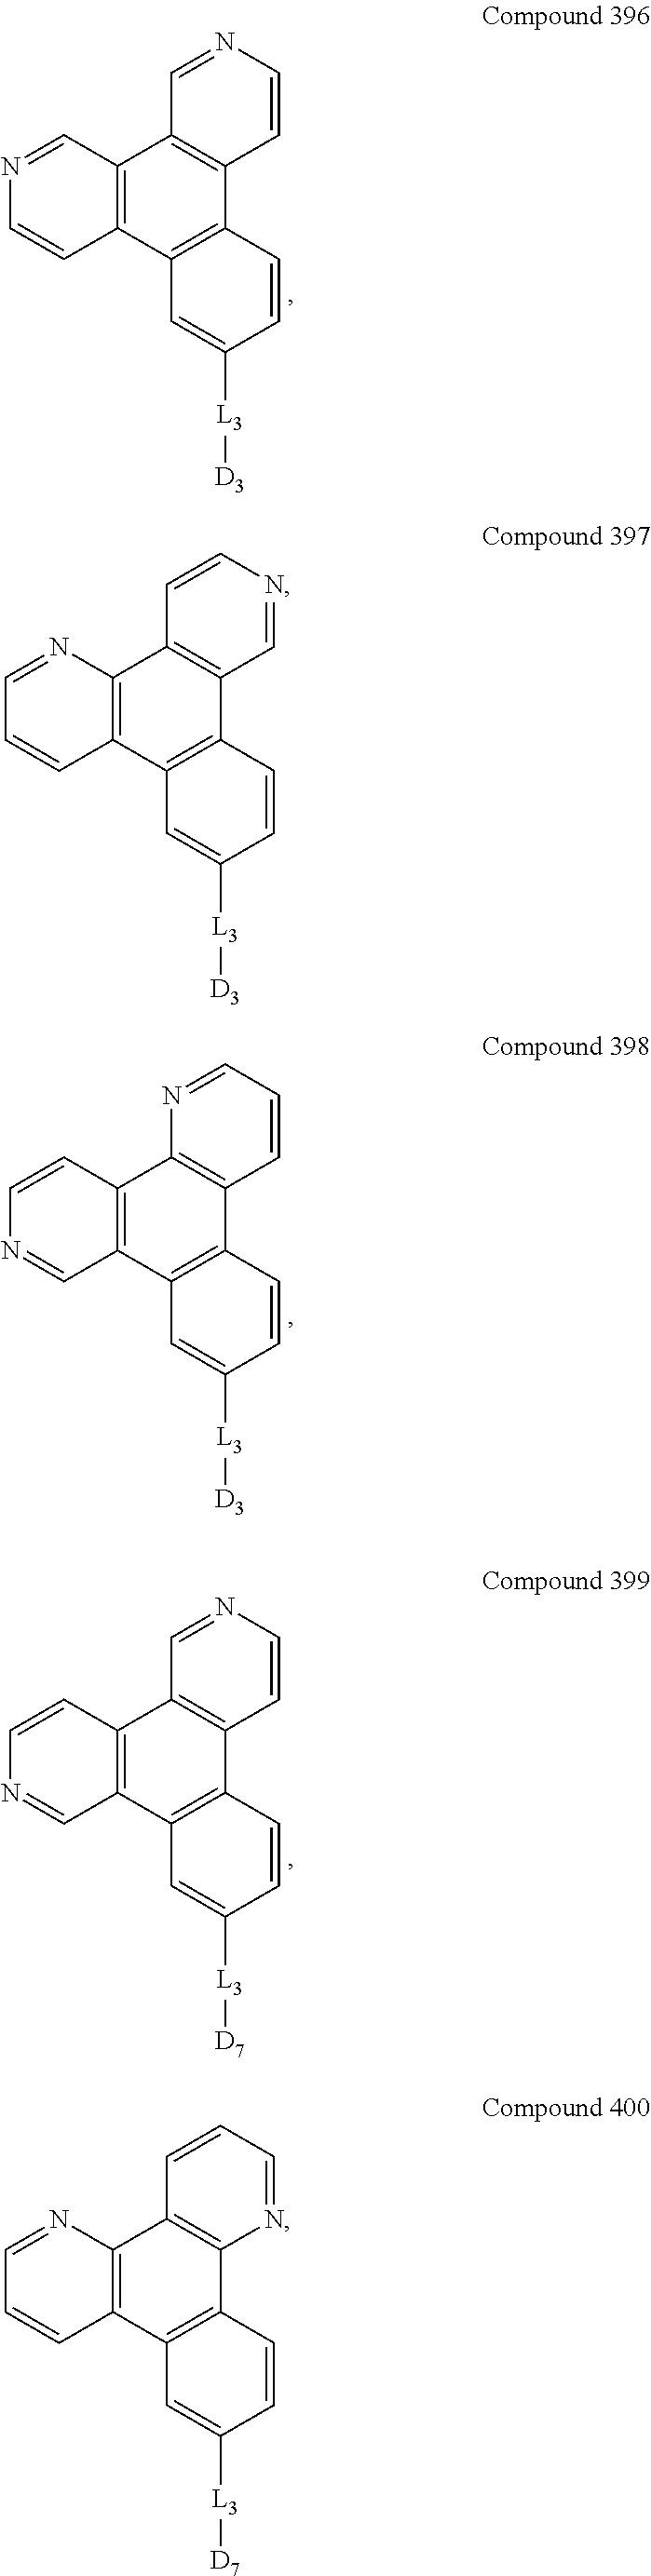 Figure US09537106-20170103-C00235